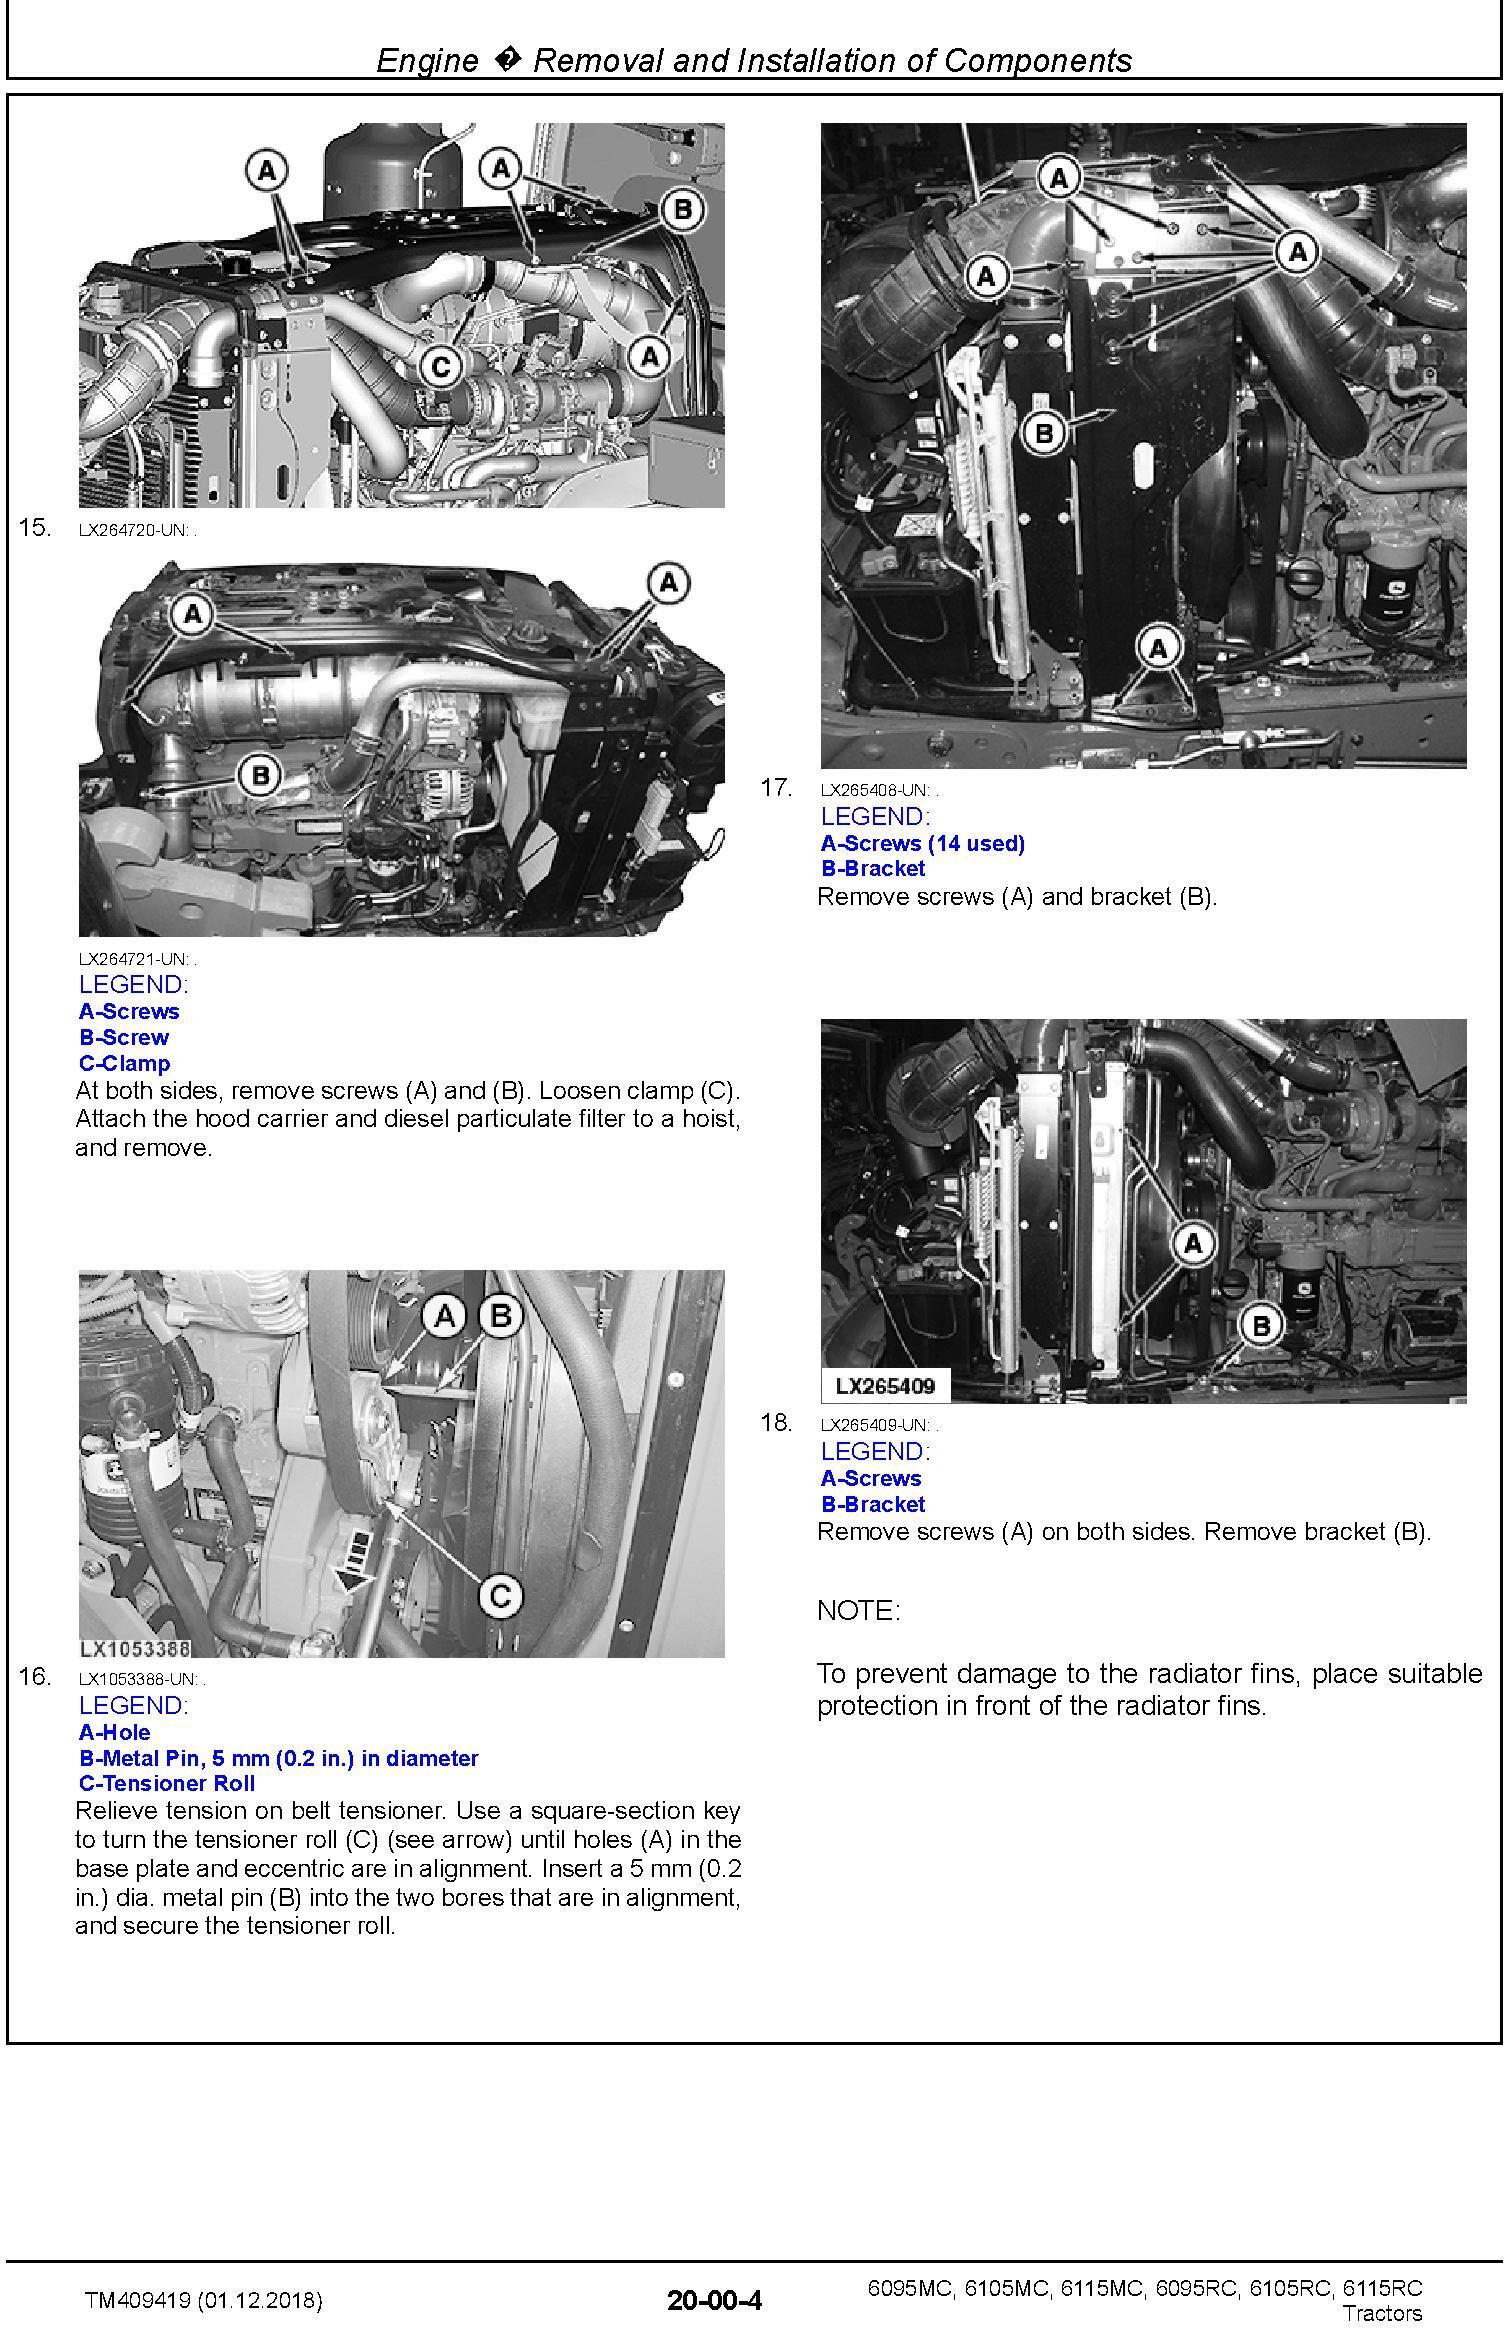 John Deere 6095MC,6105MC, 6115MC, 6095RC, 6105RC, 6115RC Tractors MY2016-17 Repair Manual (TM409419) - 1